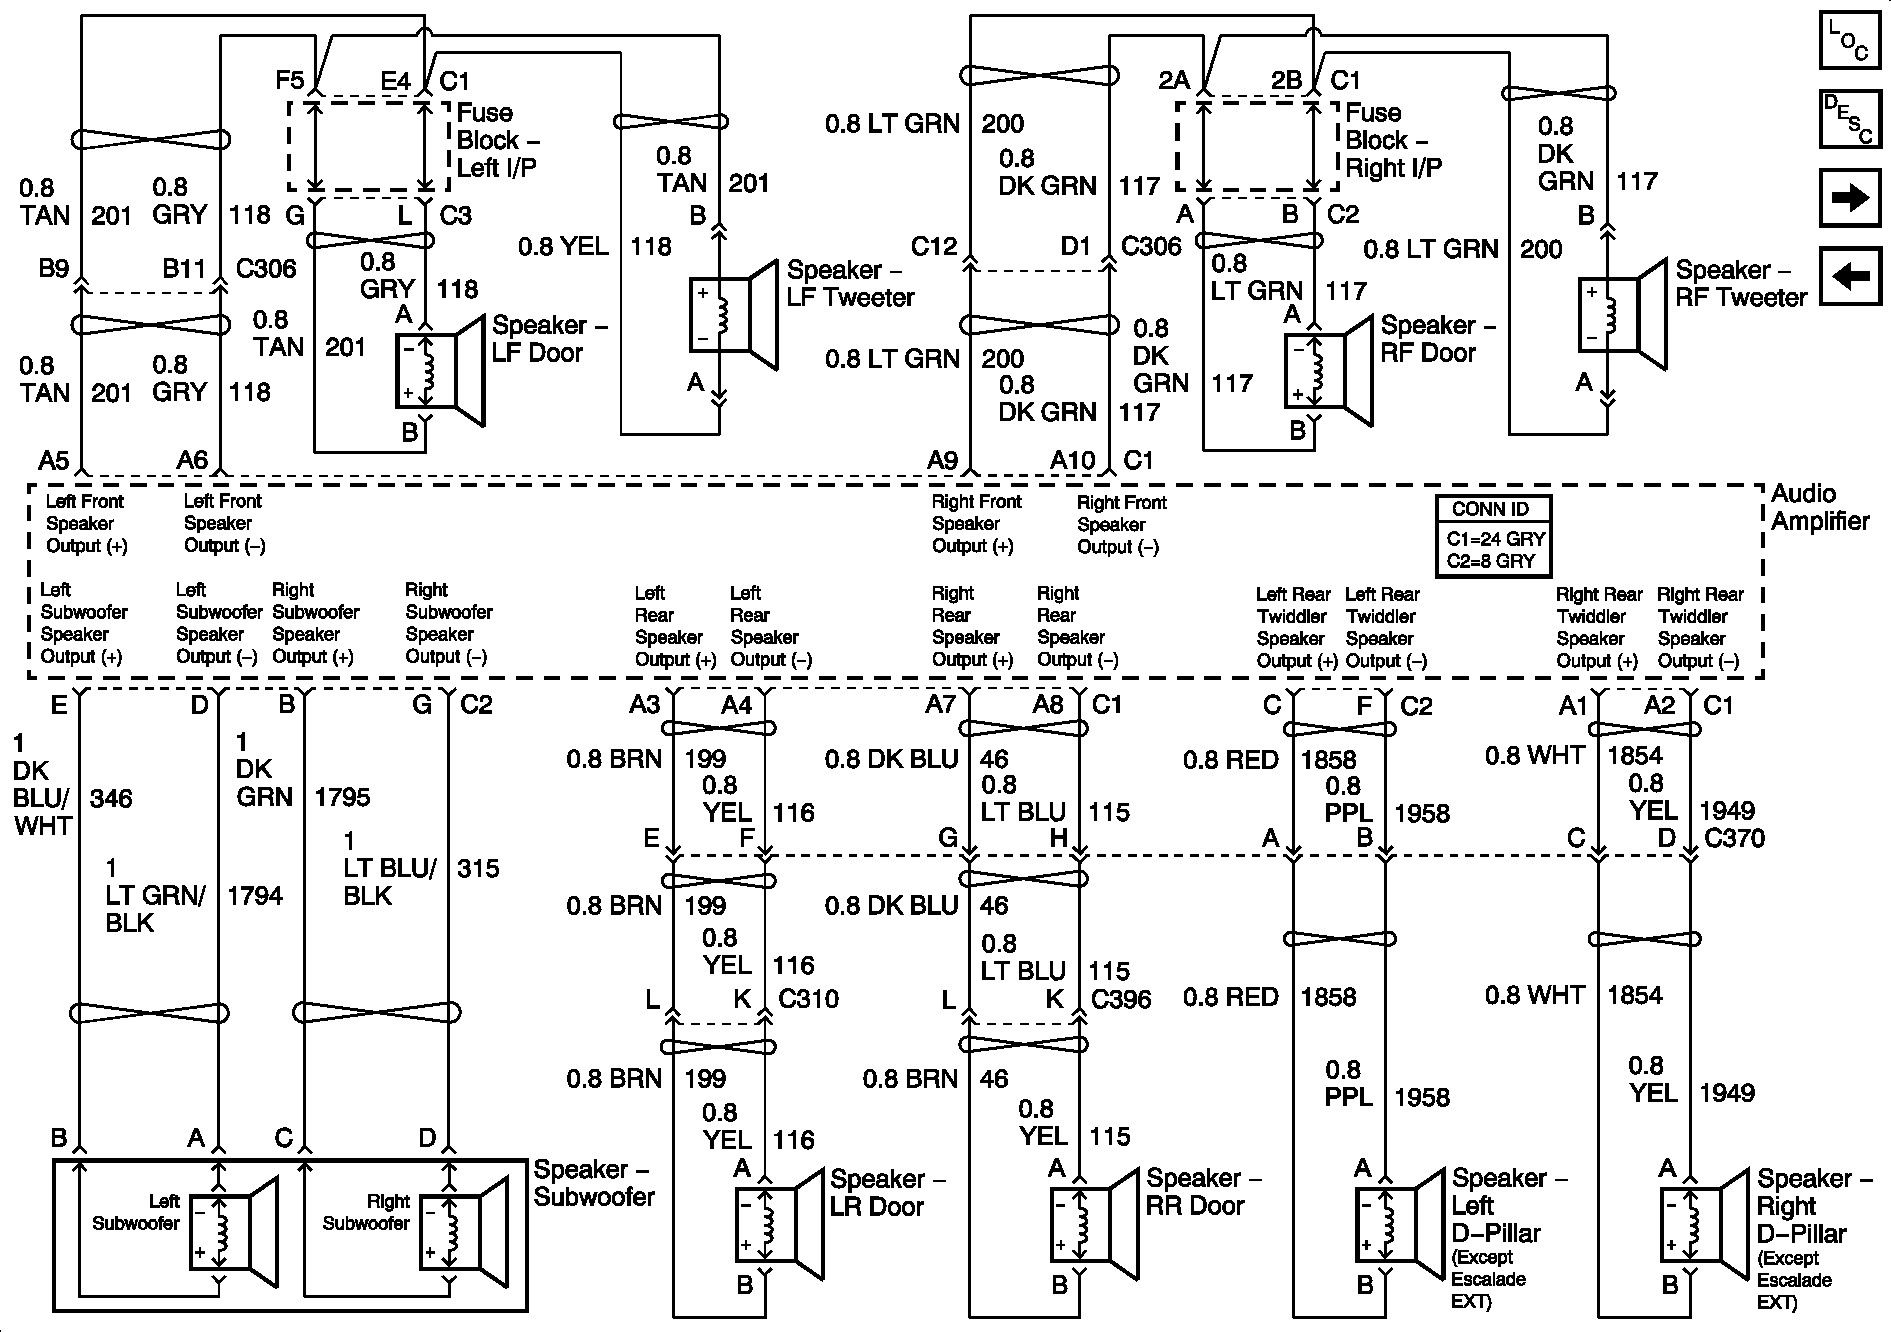 2004 Chevy Silverado Instrument Cluster Wiring Diagram Elegant 2004 Chevy Silverado 2003 Chevy Silverado Chevy Silverado